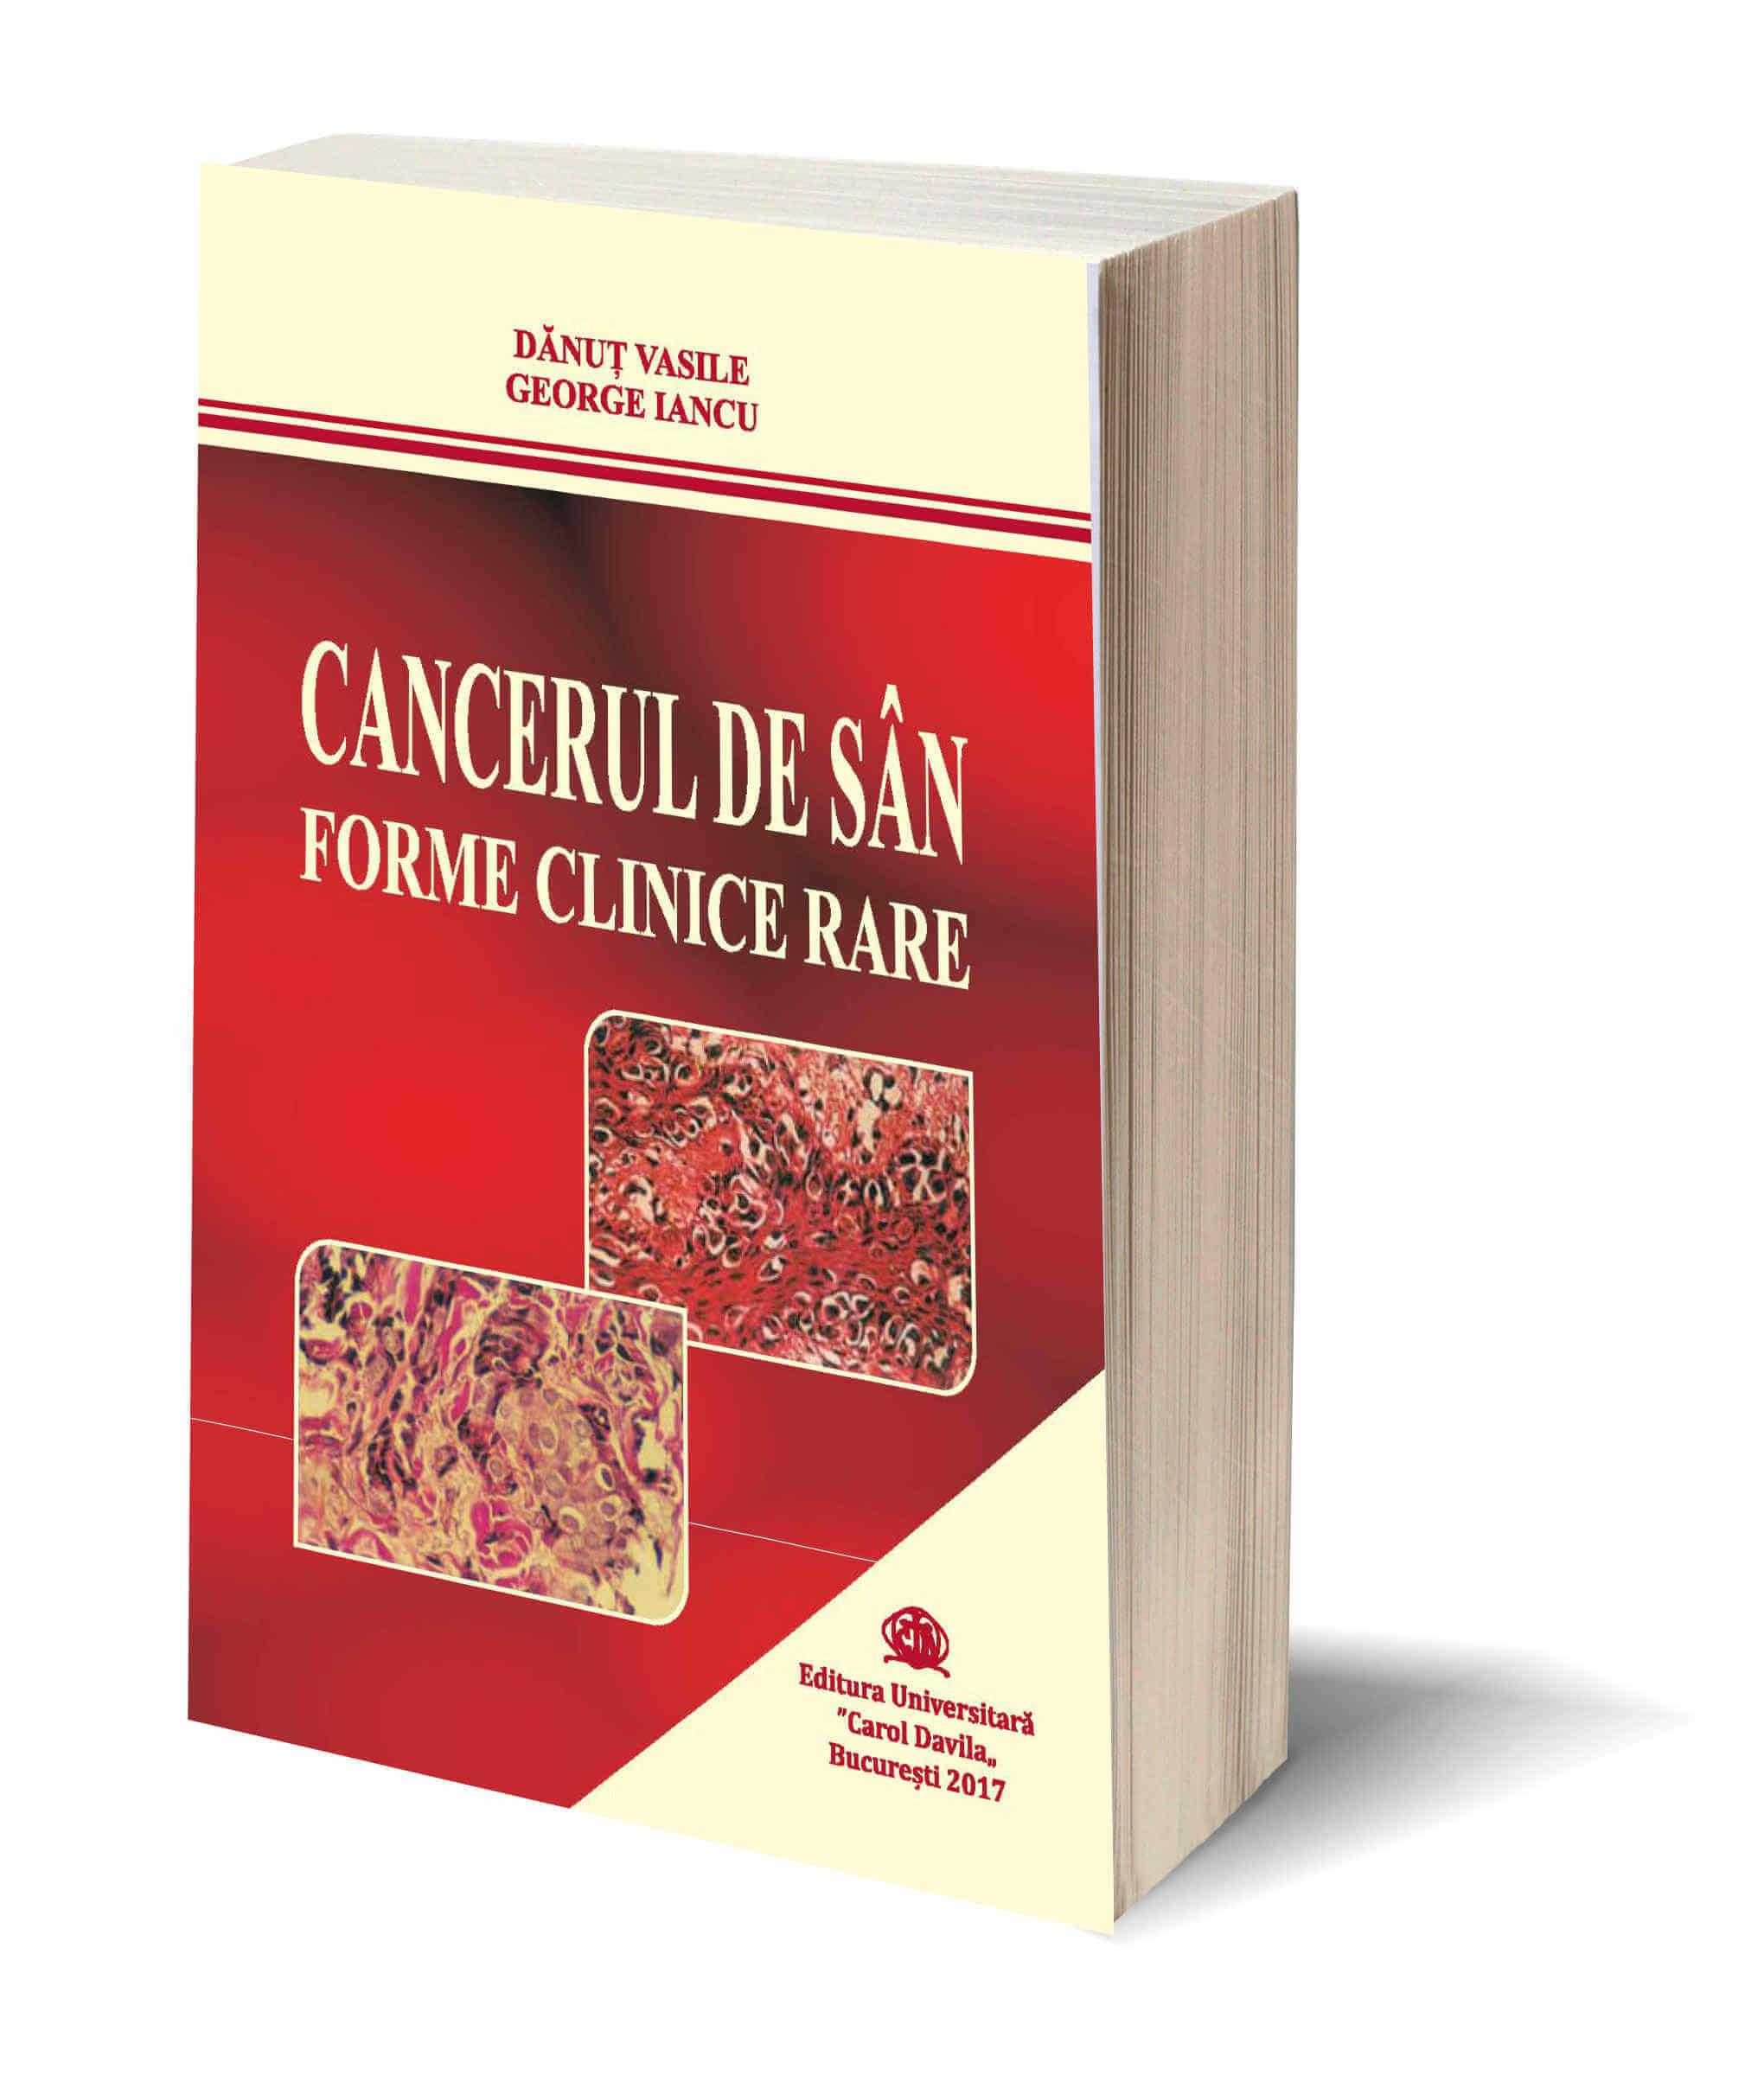 Cancerul de San Forme Clinice Rare